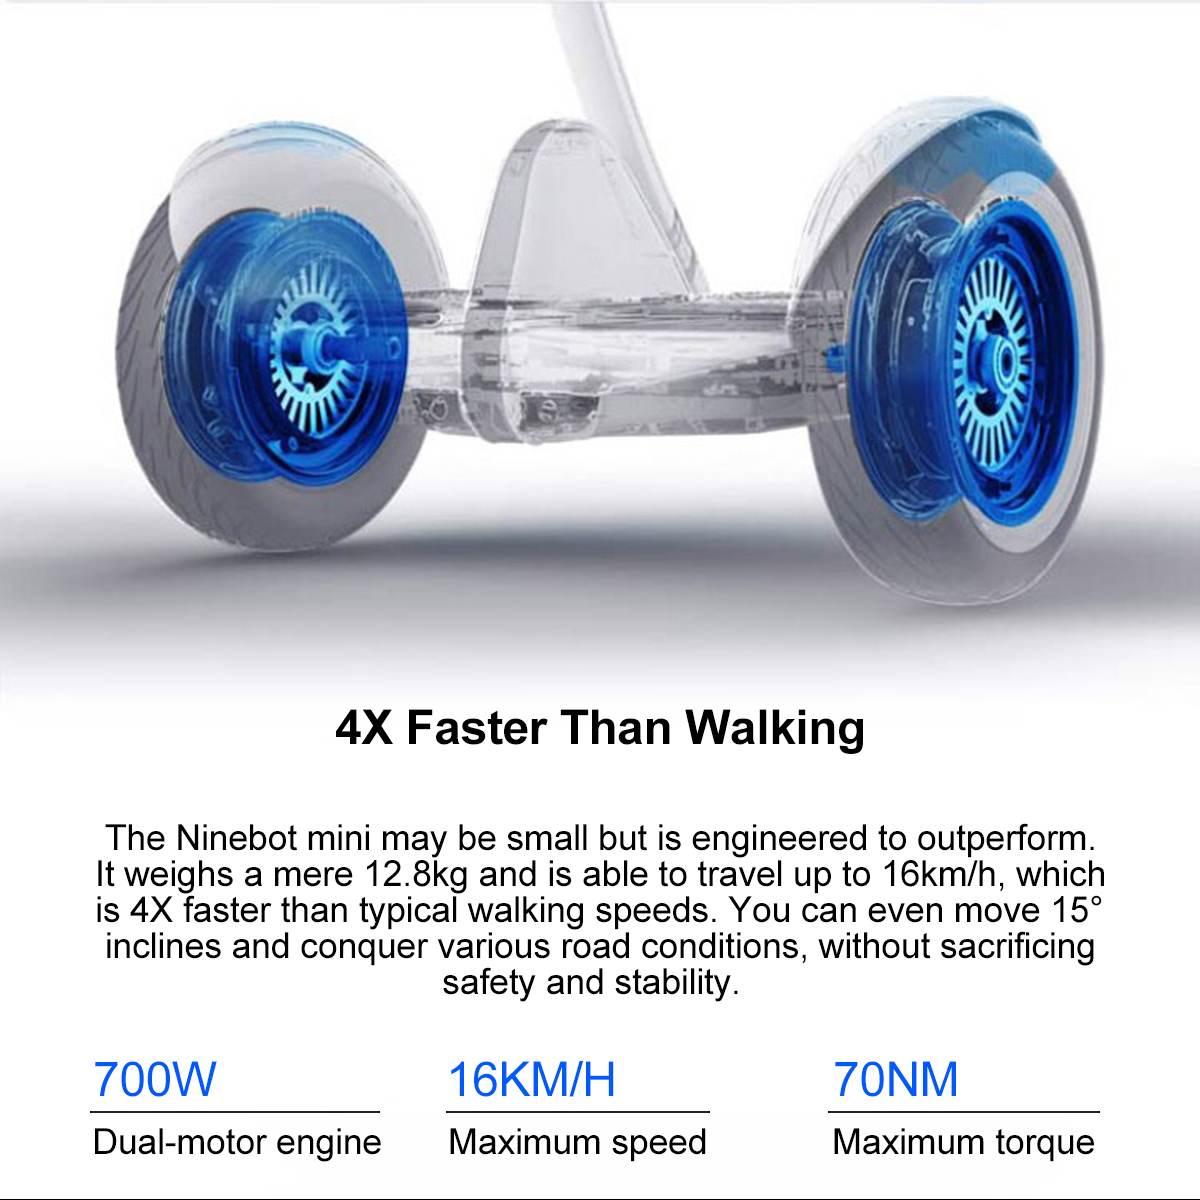 Оригинальный Xiaomi mini Ninebot умный самобалансирующийся электрический скутер двухколесный Скейтборд 10 дюймов - 4